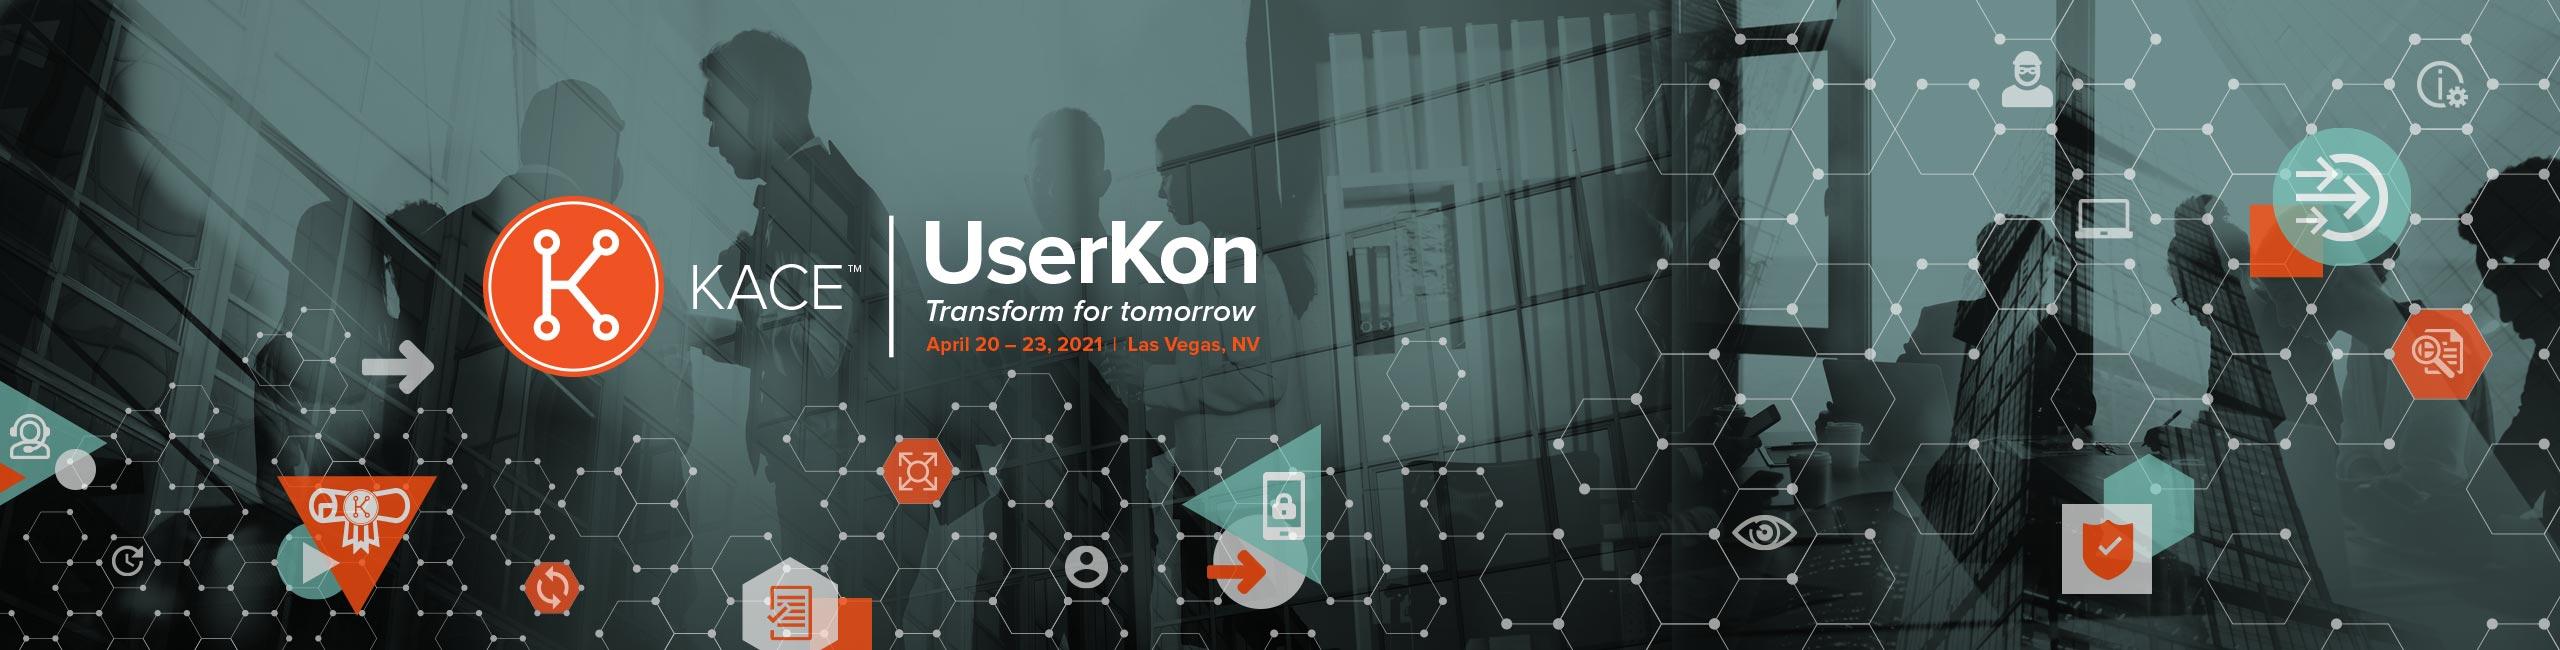 KACE UserKon 2021 Registration